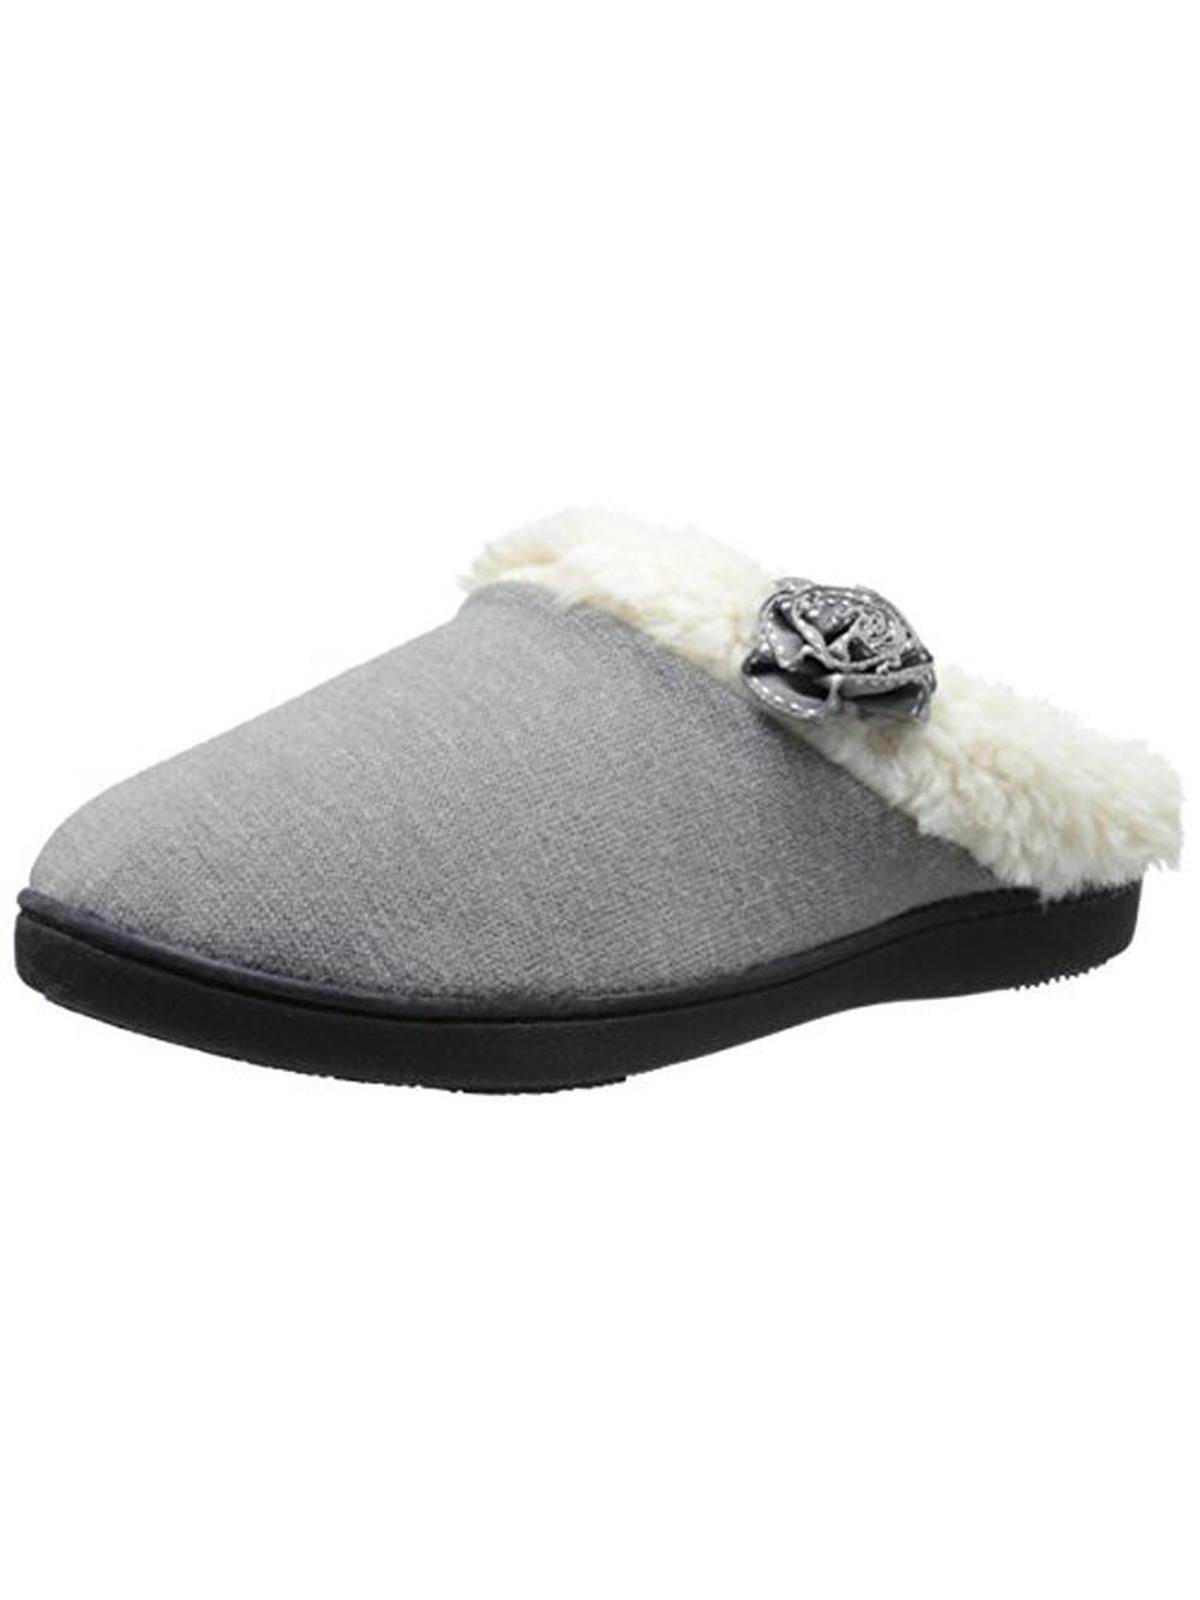 Isotoner Womens Knit Memory Foam Slip-On Slippers